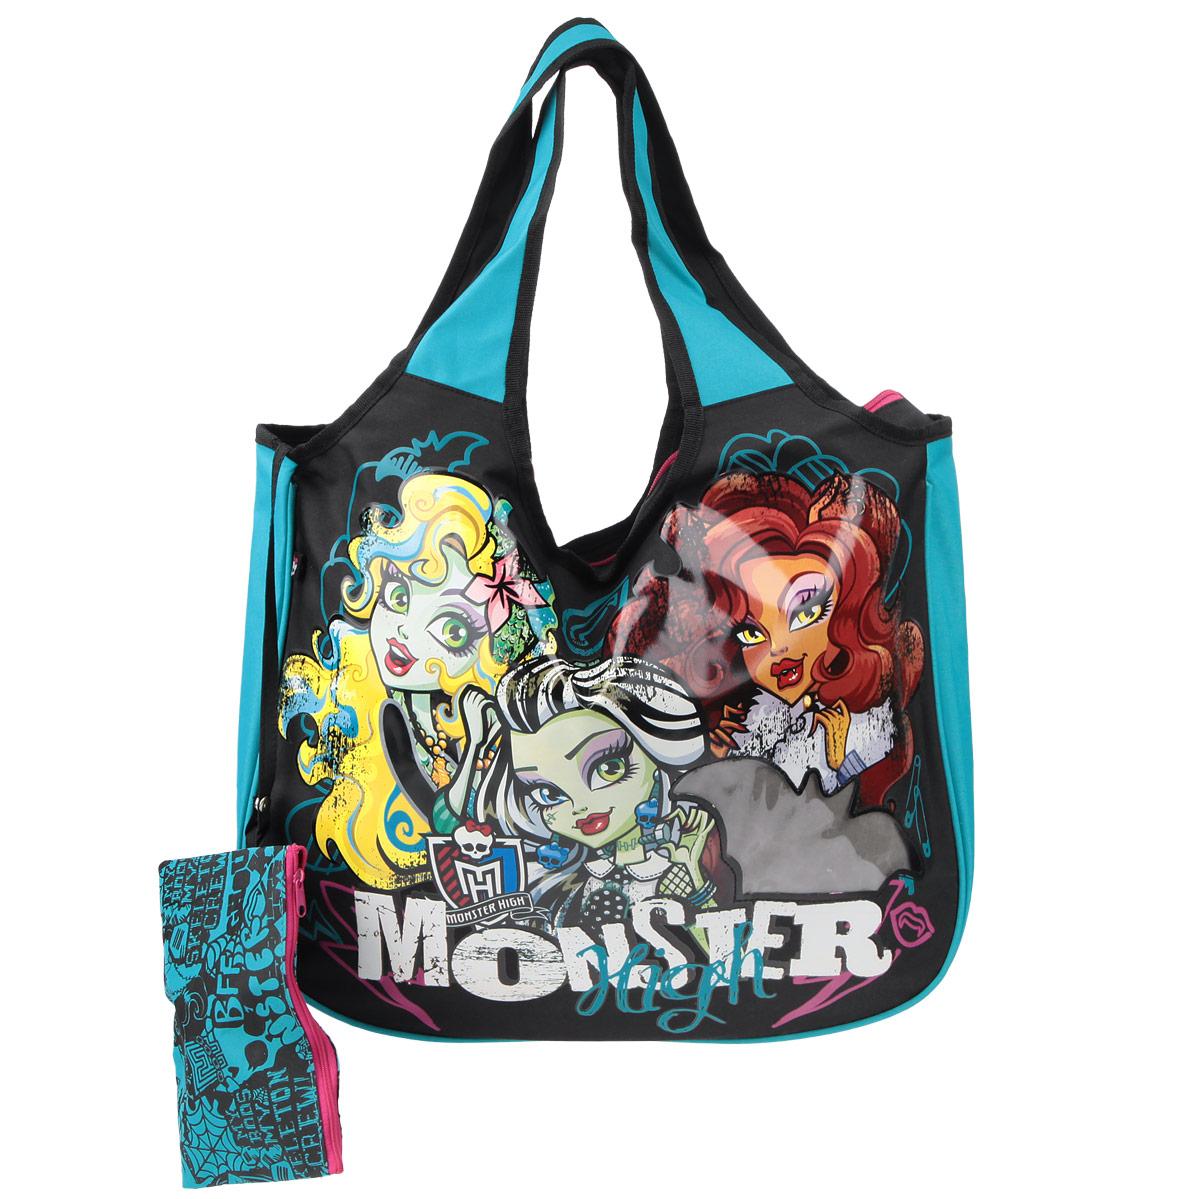 Сумка детская Monster High, цвет: черный, бирюзовый. MHBS-UT1-144572523WDЭффектная детская сумка Monster High обязательно понравится вашему ребенку. Сумочка выполнена из легкого текстильного материала и украшена ярким принтом с изображением героев одноименного популярного мультсериала и прозрачным фрагментом в форме летучей мыши. Сумка имеет одно большое внутреннее отделение, которое застегивается на молнию. Яркую сумку с длинными текстильными ручками можно носить как в руках, так и на плече. Ручки выполнены цельными с основой, благодаря чему предотвращается возможное повреждение в местах их соединения с корпусом. К сумке пристегнут небольшой текстильный кошелек на молнии, который может использоваться отдельно.